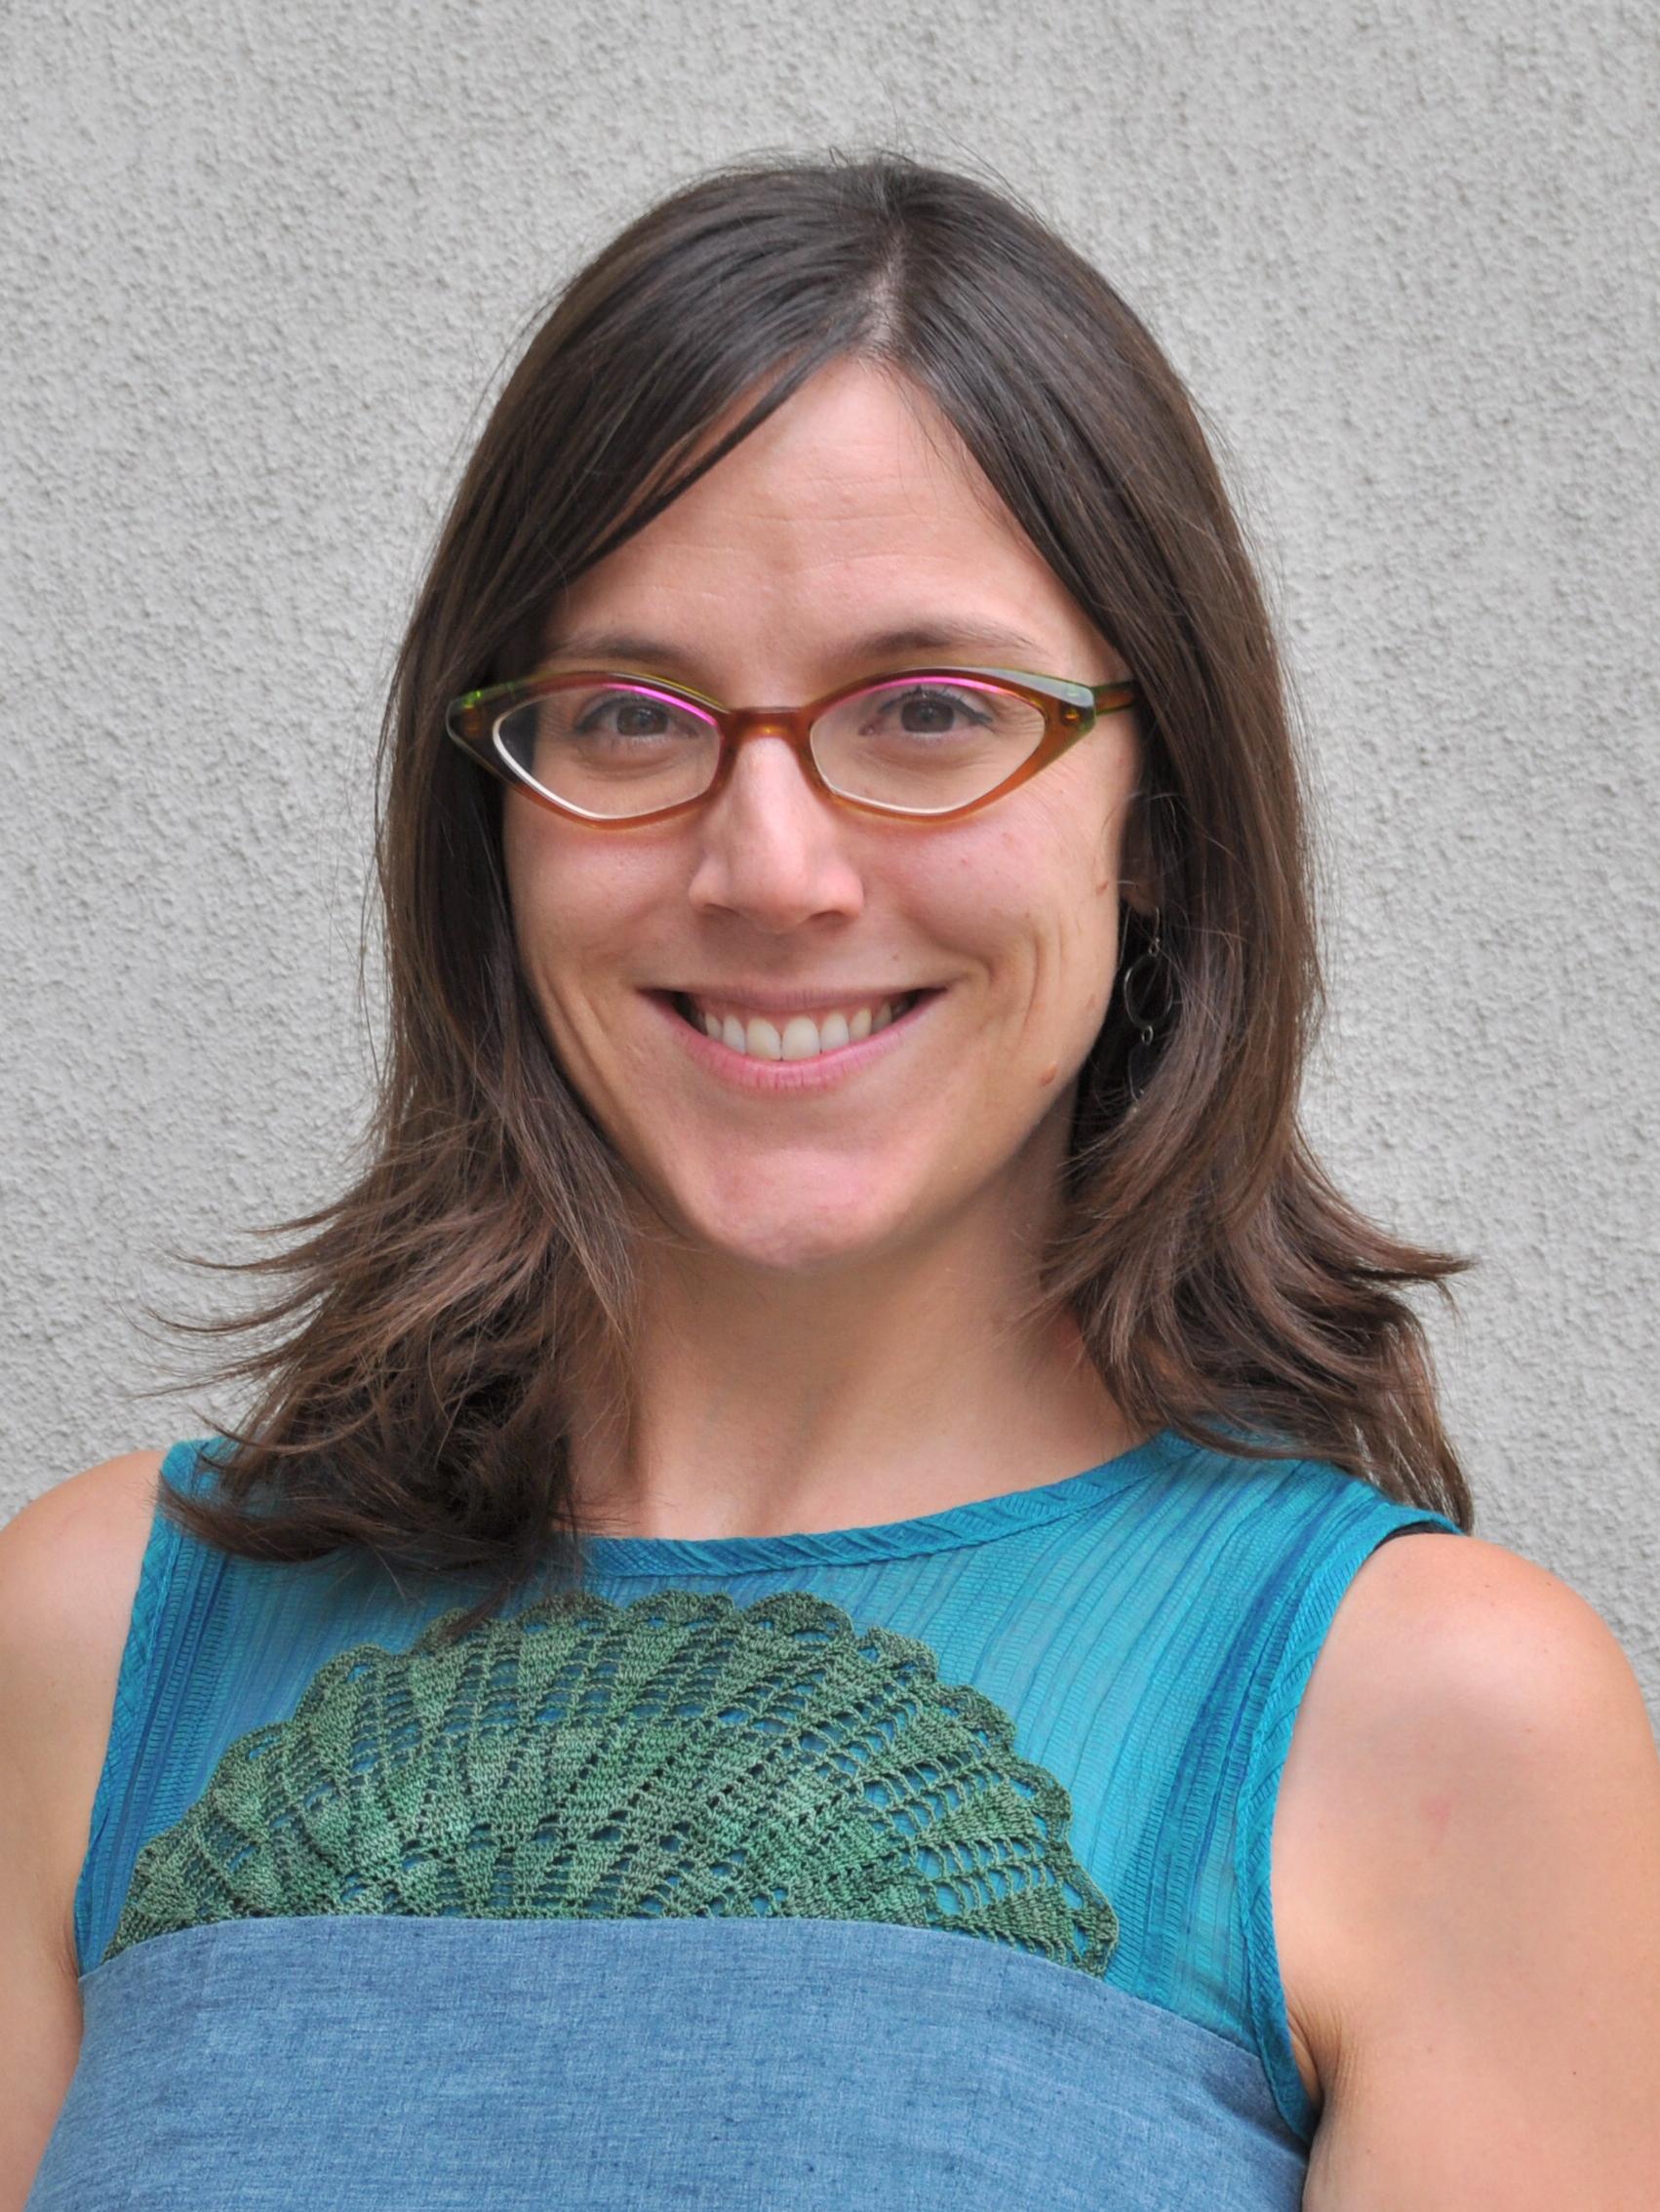 Sophie Th   é   riault Associate Professor, Centre for Environmental Law and Global Sustainability Faculty of Law (Civil Law), University of Ottawa   Sophie Thériault est avocate et professeure agrégée à la Faculté de droit, Section de droit civil, de l'Université d'Ottawa. La professeure Thériault détient un doctorat en droit de l'Université Laval, pour lequel elle a obtenu une bourse de la Fondation Trudeau. Elle a été clerc auprès de l'Honorable juge LeBel à la Cour suprême du Canada. Ses travaux de recherche portent principalement sur les rapports entre les droits territoriaux des peuples autochtones et la sécurité alimentaire, sur l'obligation de consulter les peuples autochtones, en particulier dans le contexte de l'extraction des ressources naturelles, sur la justice environnementale et postcoloniale, ainsi que sur les liens entre la dégradation de l'environnement et les droits fondamentaux de la personne. Ses principaux champs d'enseignement sont le droit des peuples autochtones, le droit de l'environnement et le droit constitution